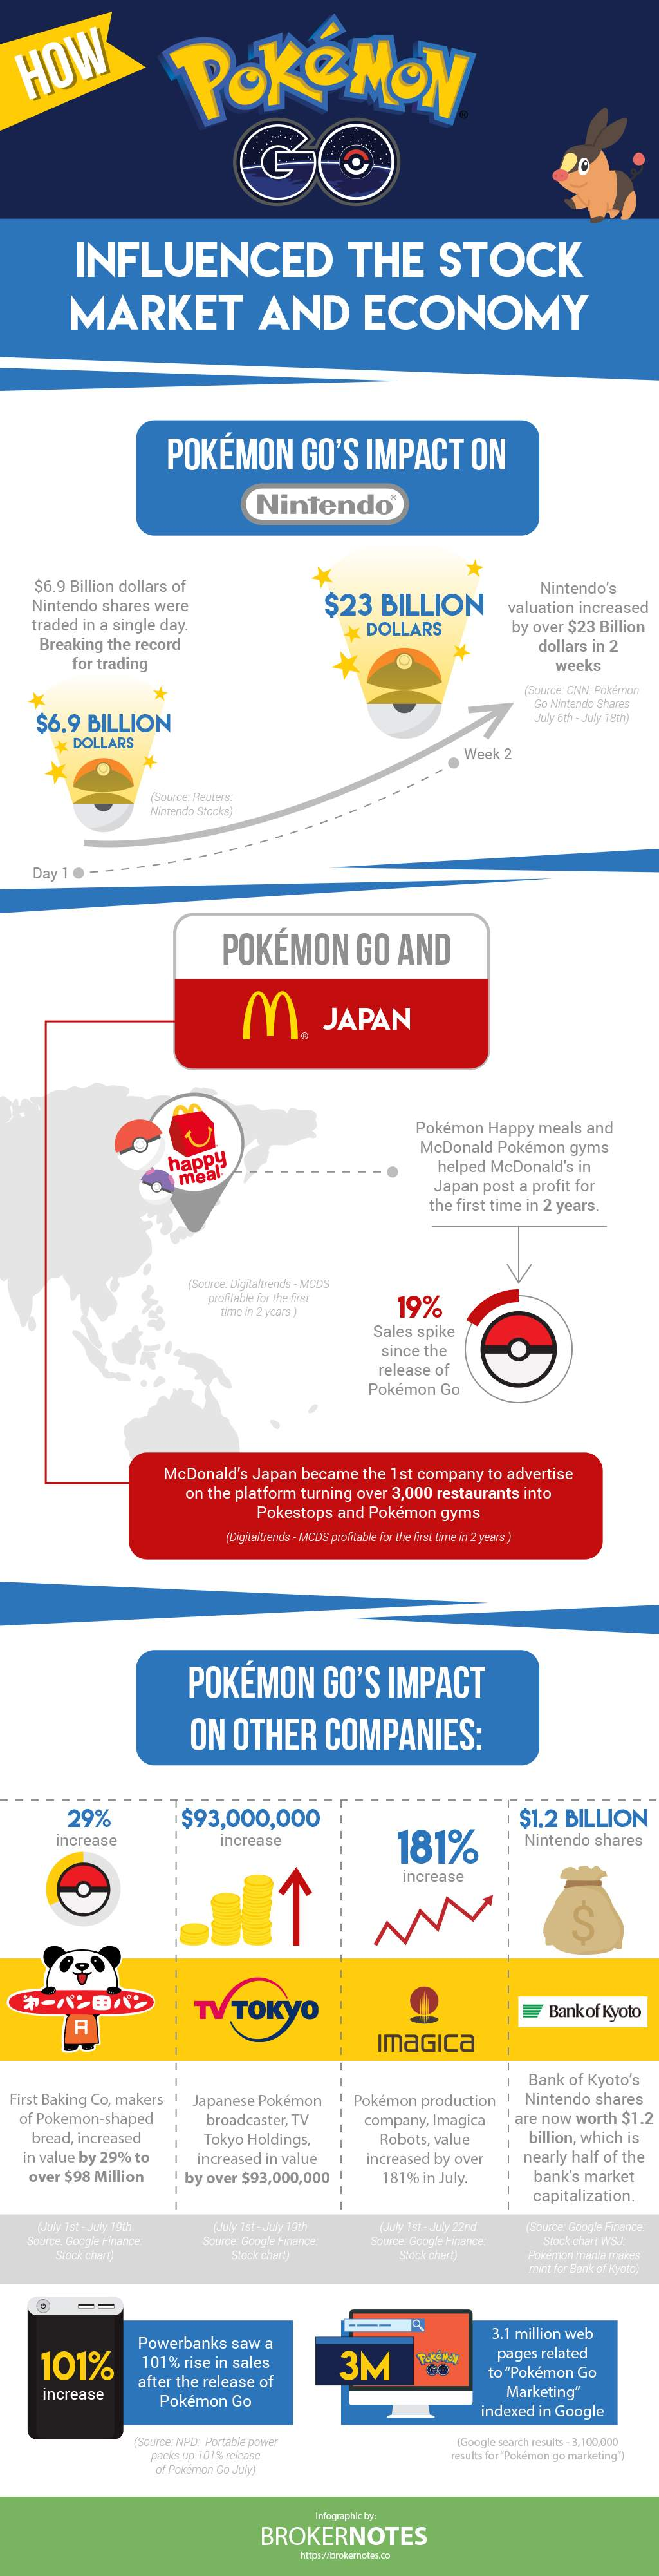 Infographic Hoe pokemon go en de economie heeft beinvloed